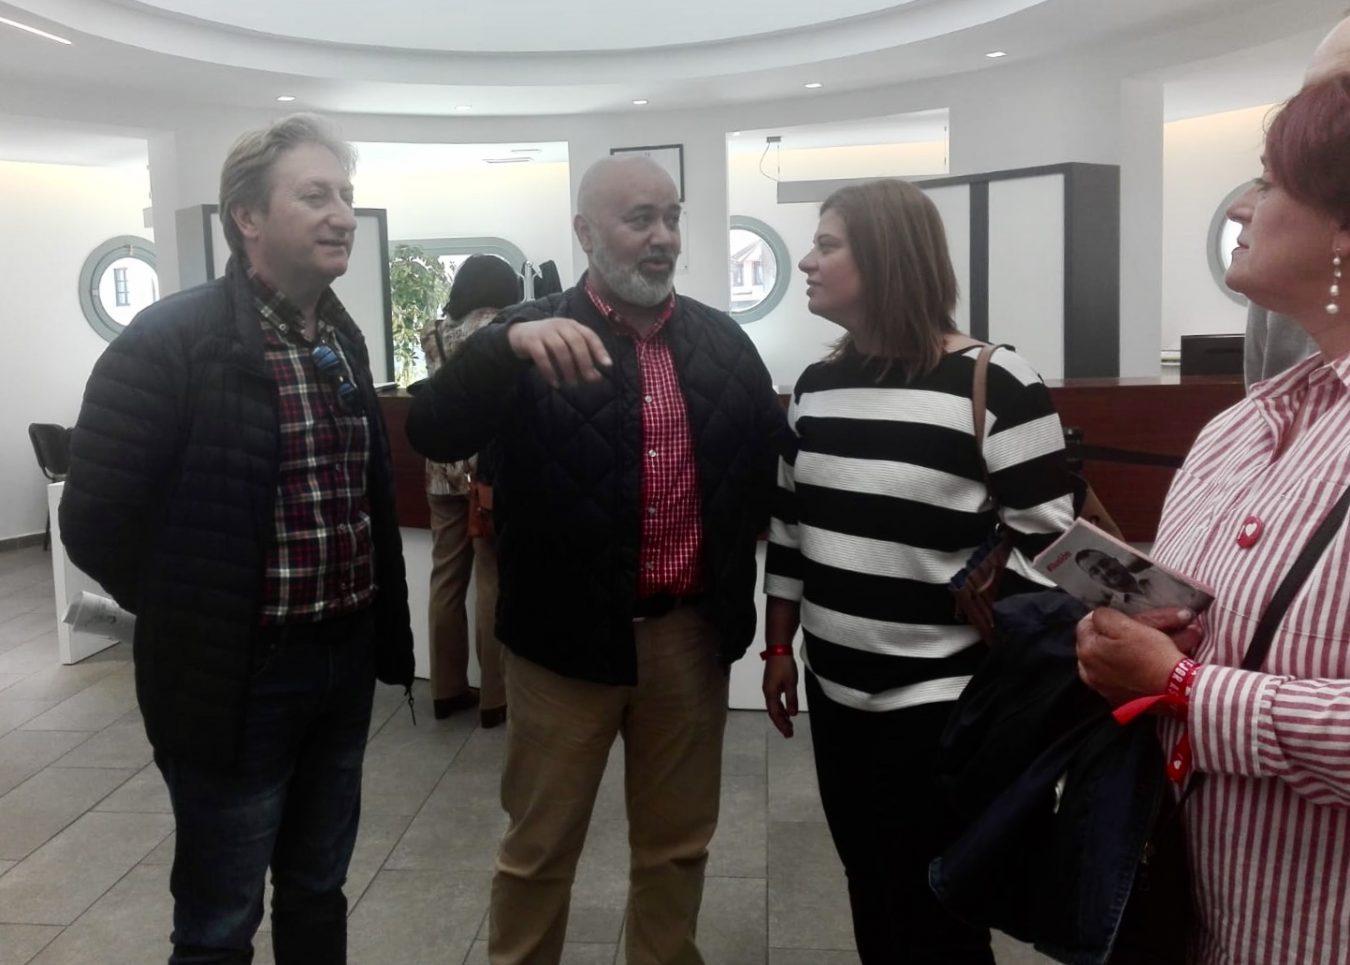 Llamedo y Herrero apuestan por recuperar la imagen turística del concejo de Llanes perdida en esta legislatura